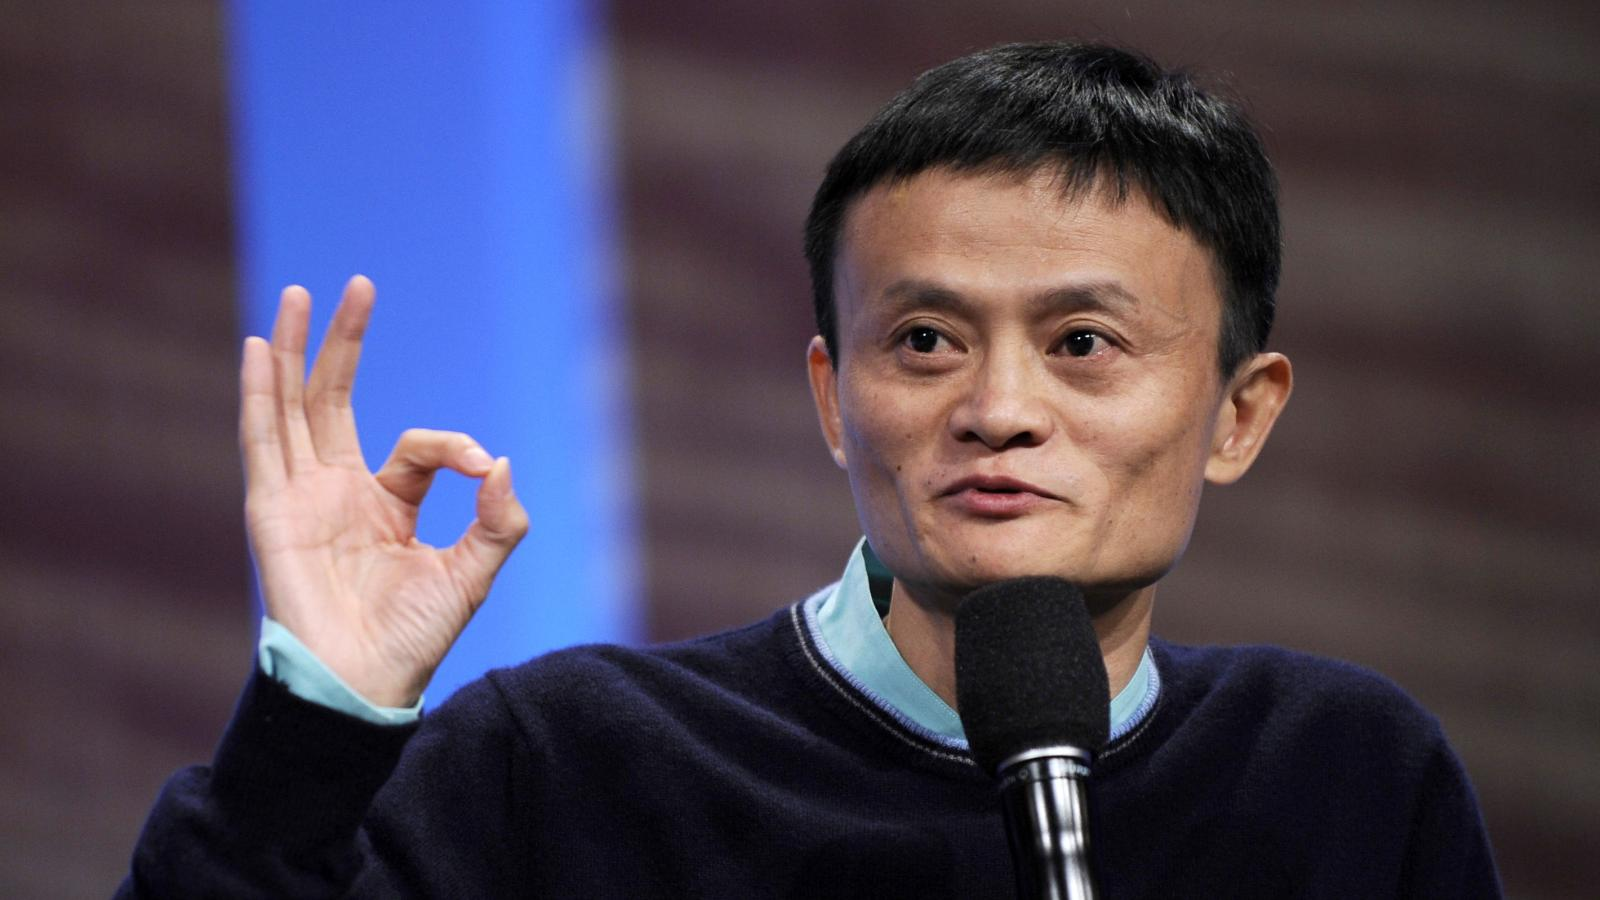 Hành trình biến 'ý tưởng ngớ ngẩn' thành đế chế tài chính 200 tỉ USD của Jack Ma - Ảnh 1.